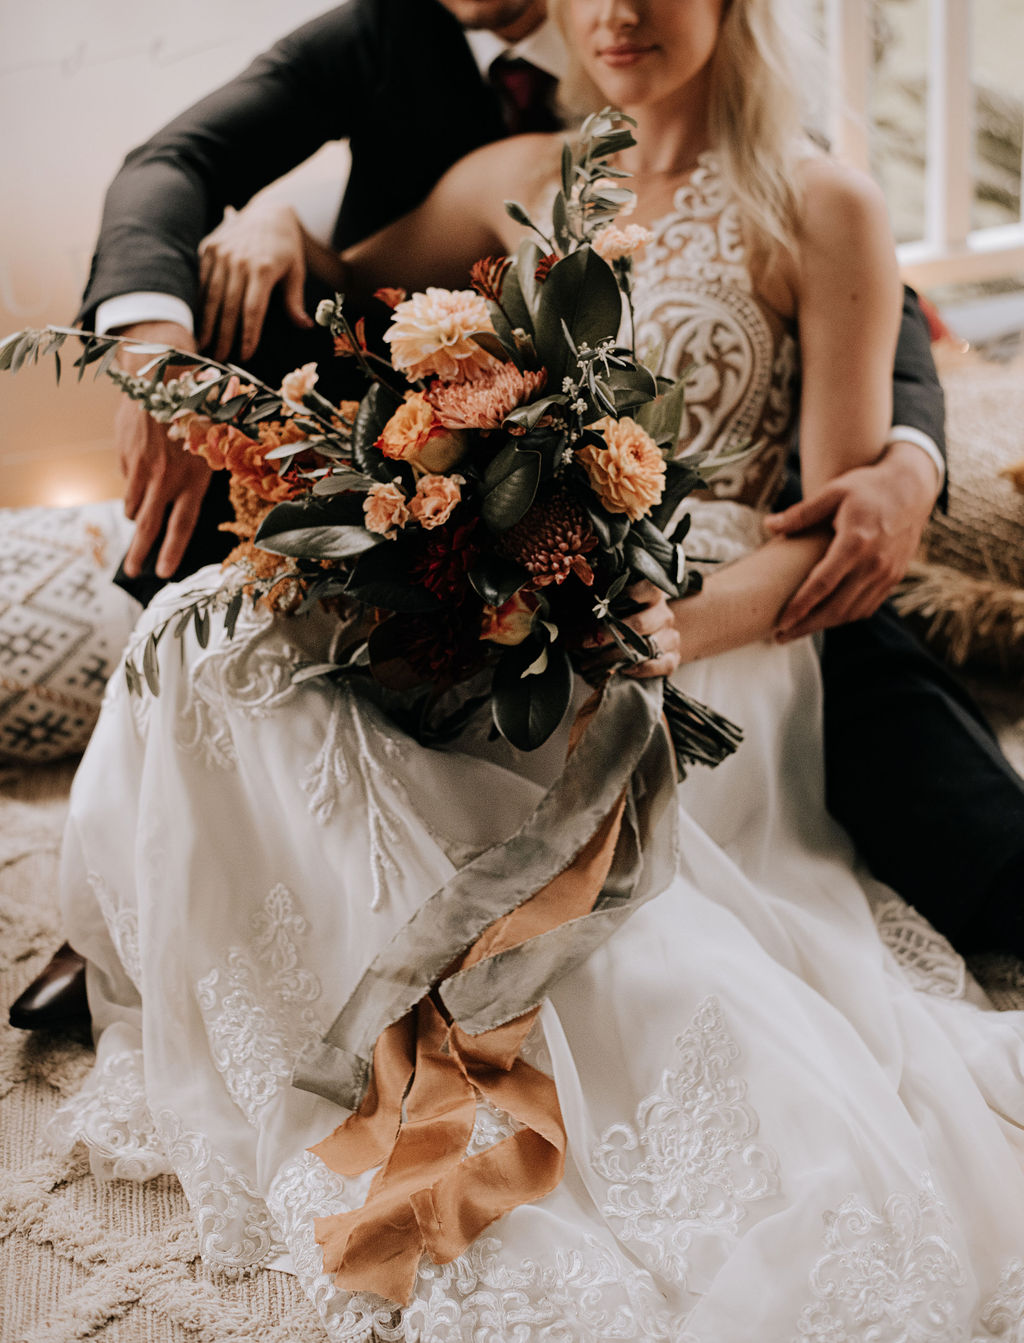 LUXE BOHO BRIDE HINTERLAND WEDDING SHOOT